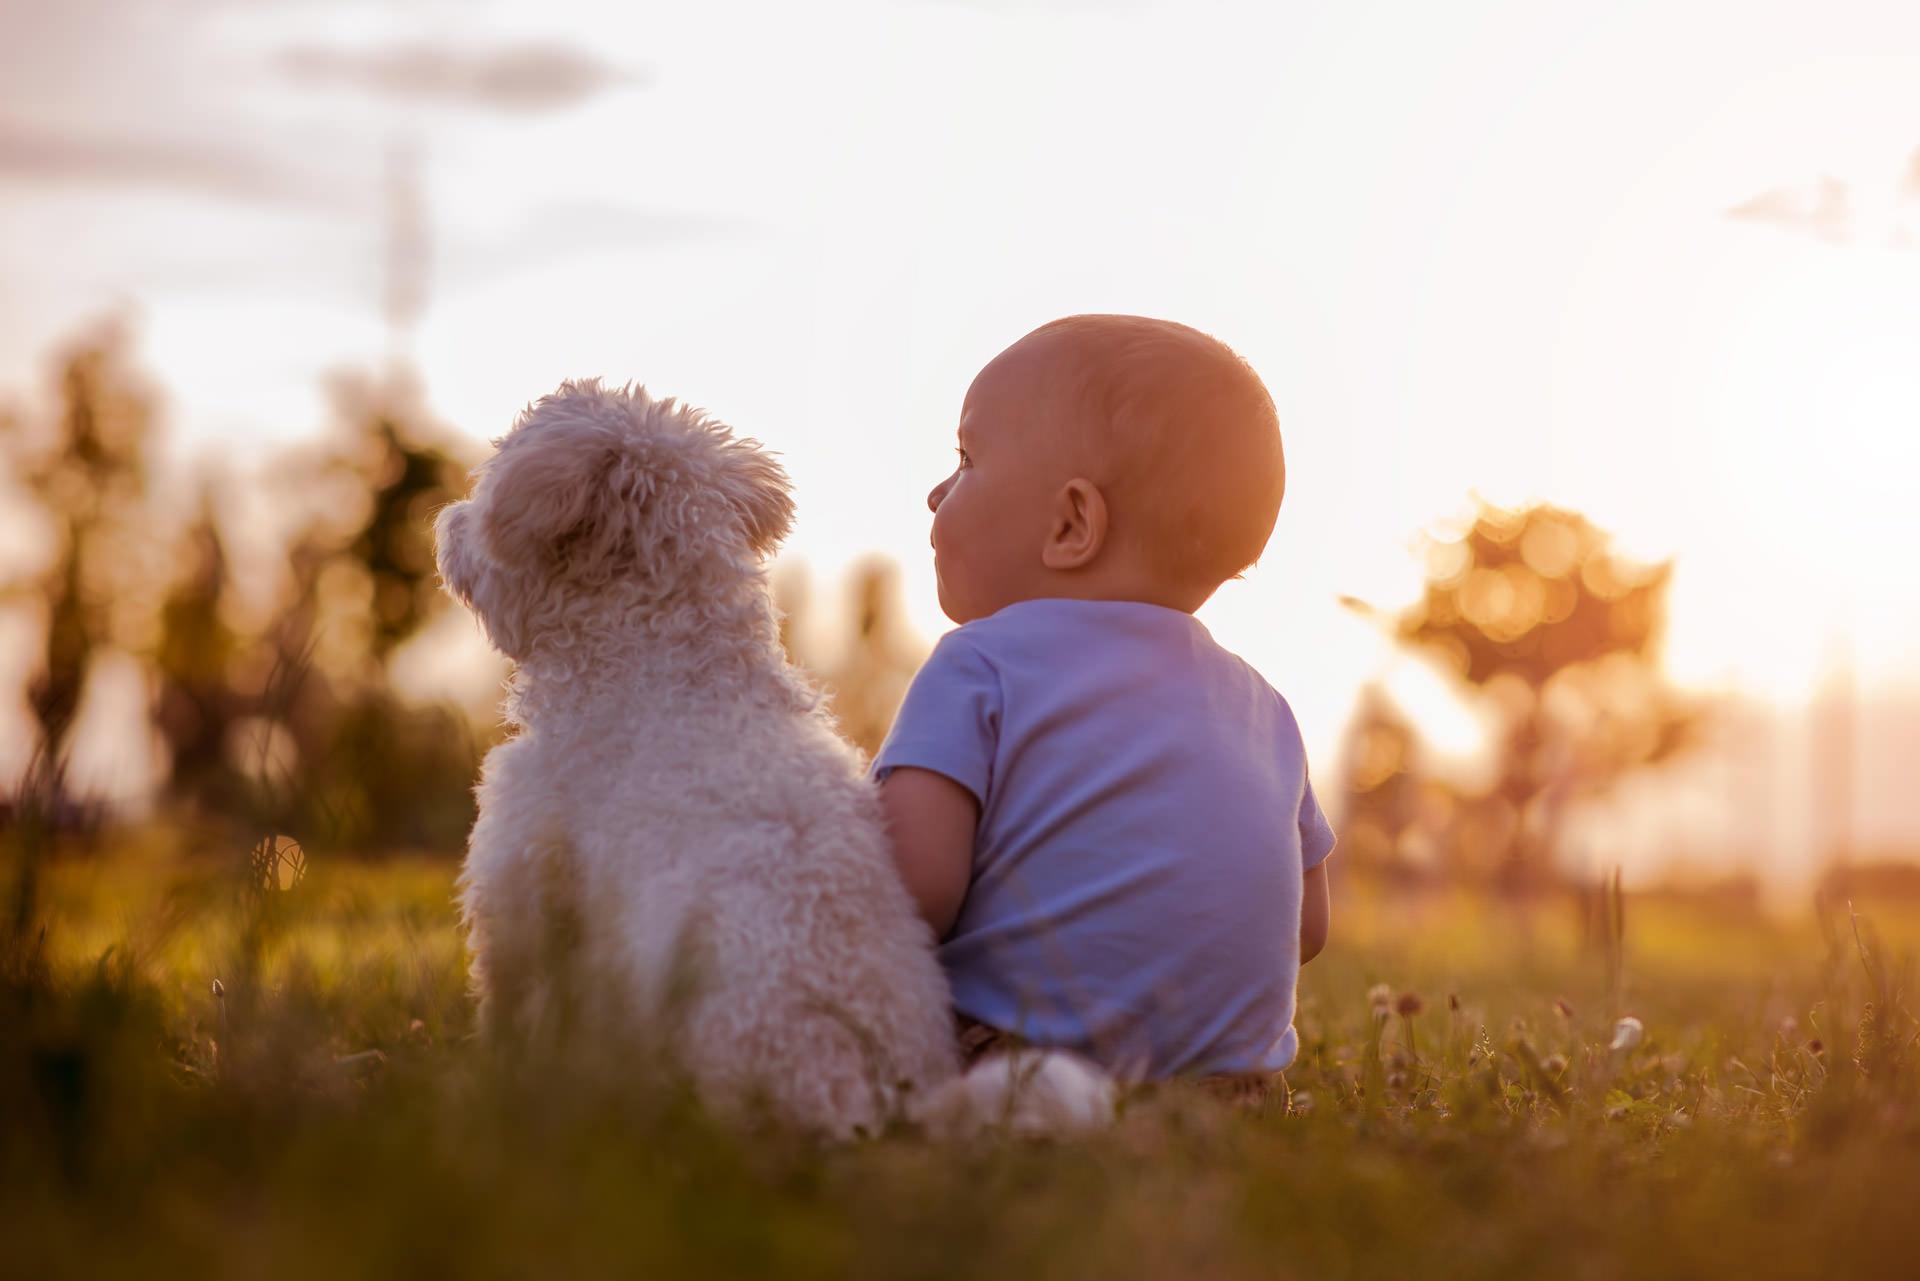 Dogs-and-Kids--Umgangsrgeln--Kleinkind-mit-Hund